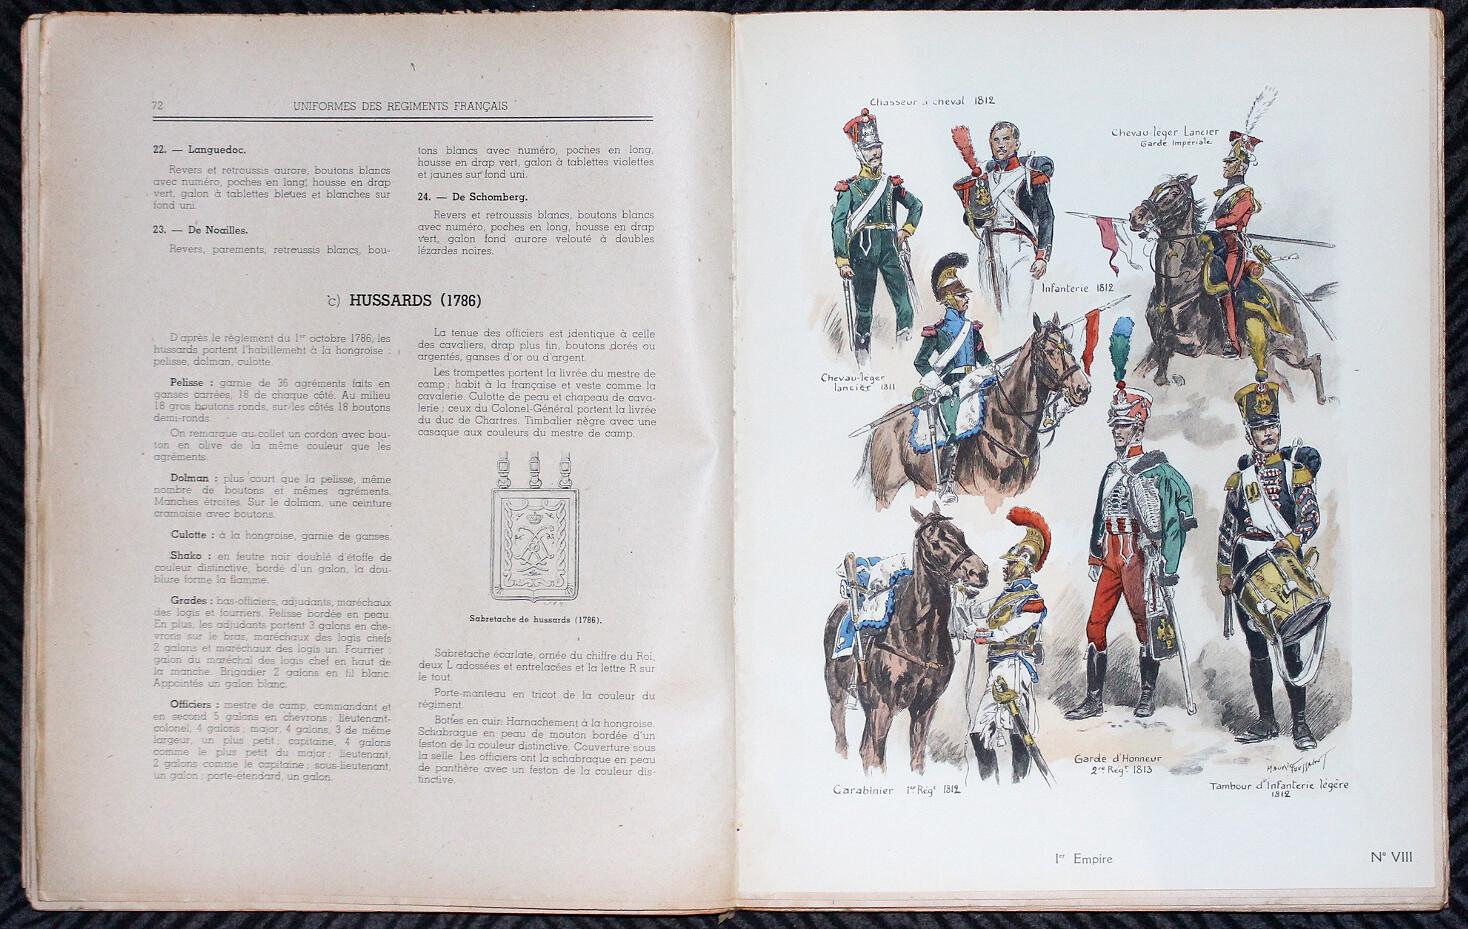 CART.- Uniformes des régiments français de Louis XV à nos jours, 1945.